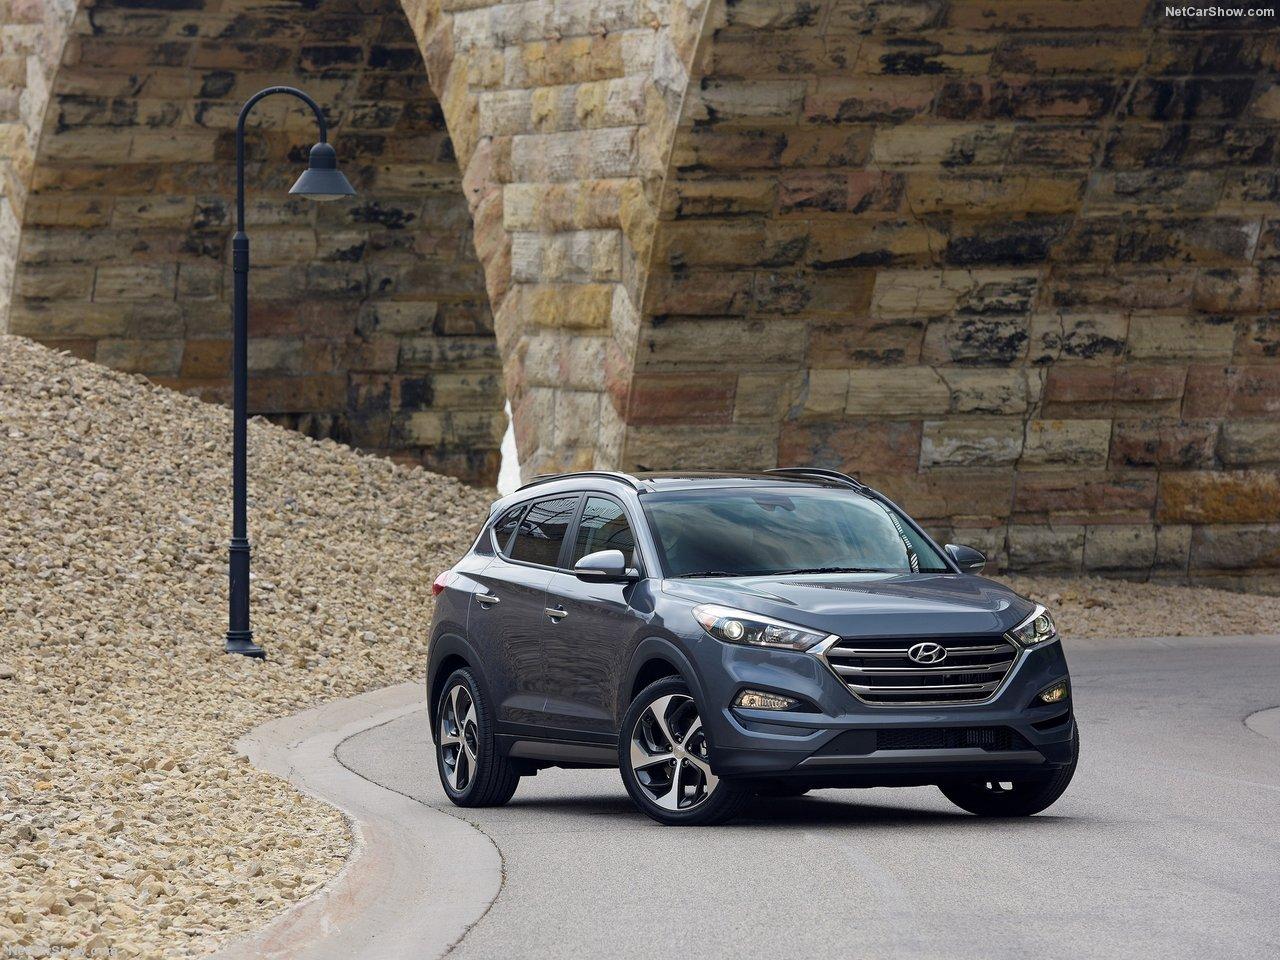 Hyundai Creta 2017 цена, комплектация, новый кузов